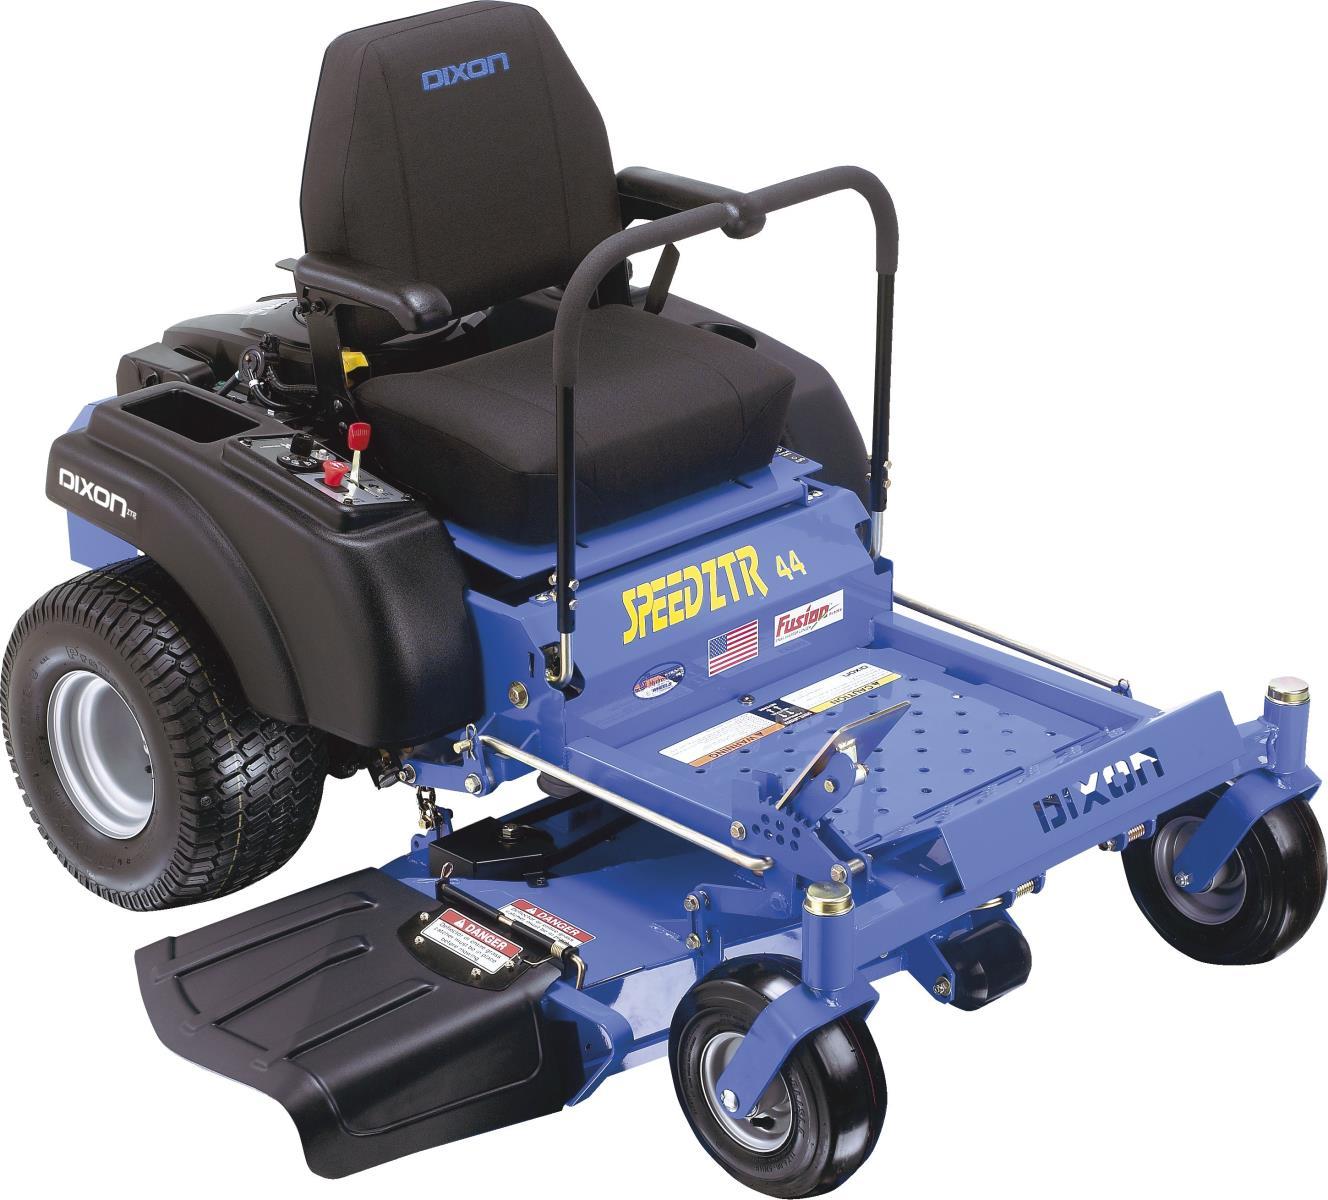 Dixon SpeedZTR Parts | Genuine OEM Dixon Parts